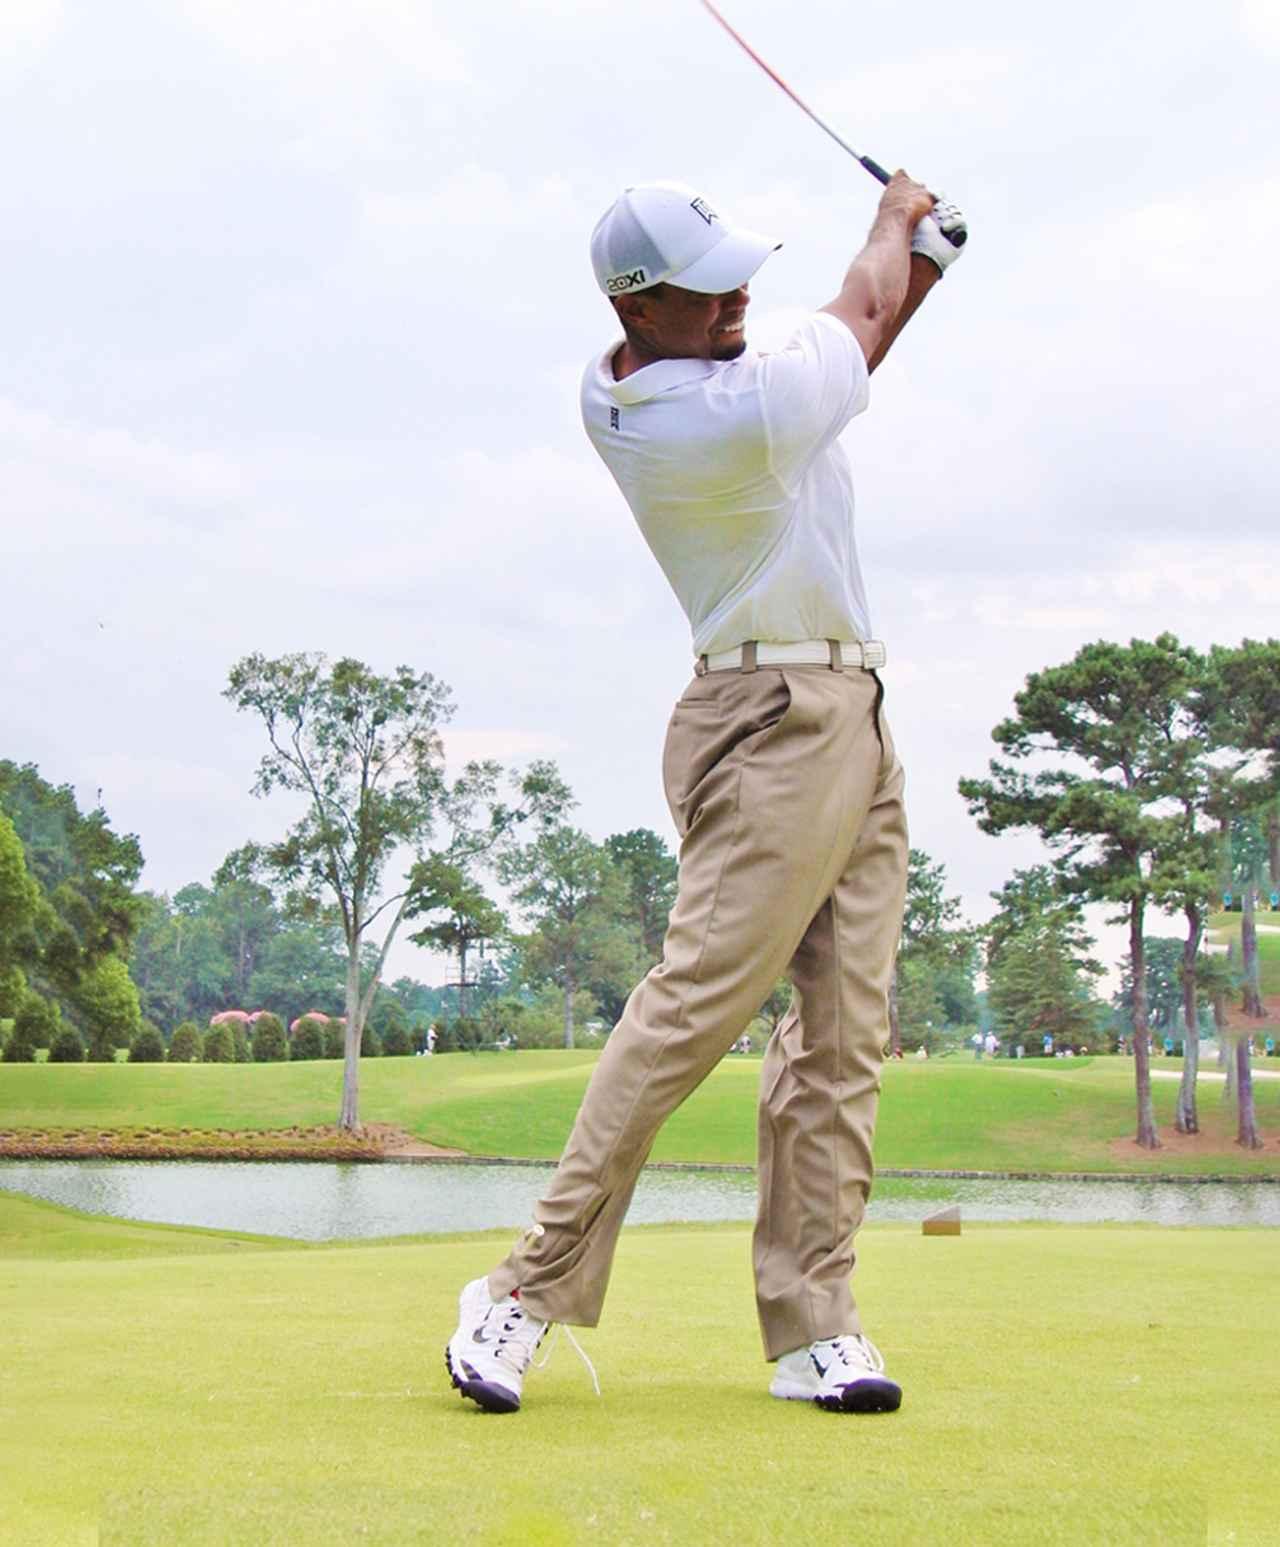 画像16: 【平成スウィング変遷史②】タイガー・ウッズが切り開いたパワーゴルフの時代